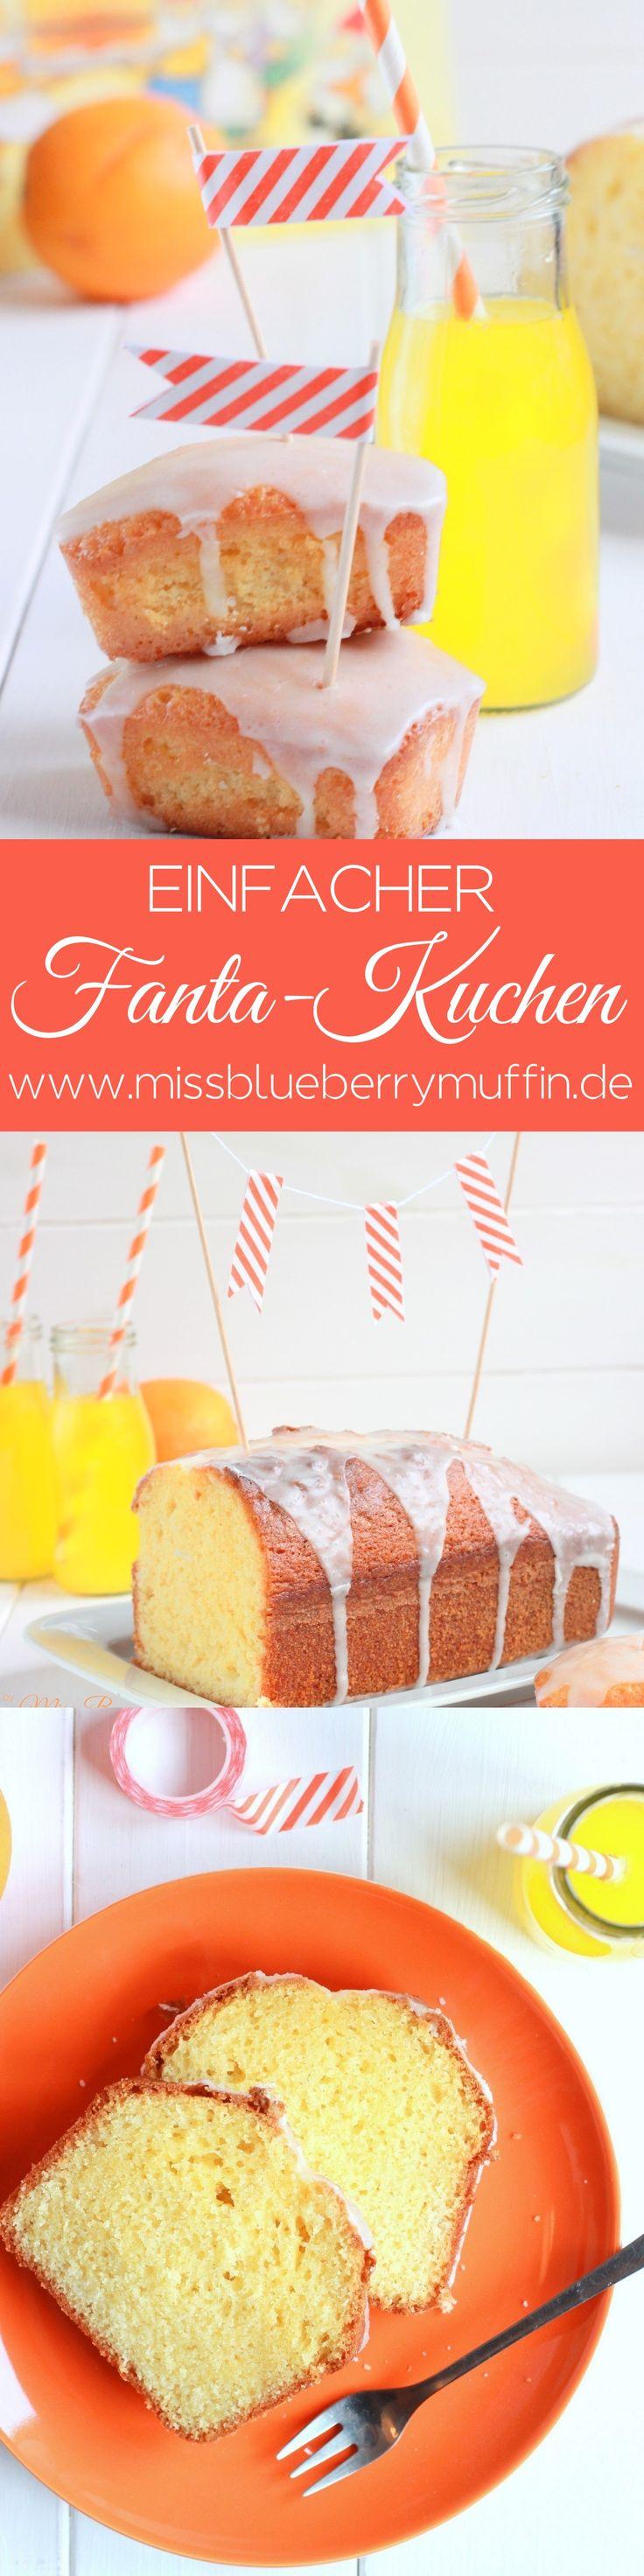 Backen mit Kindern: Einfacher Fanta Kuchen // Fanta Cake // Limo Kuchen <3